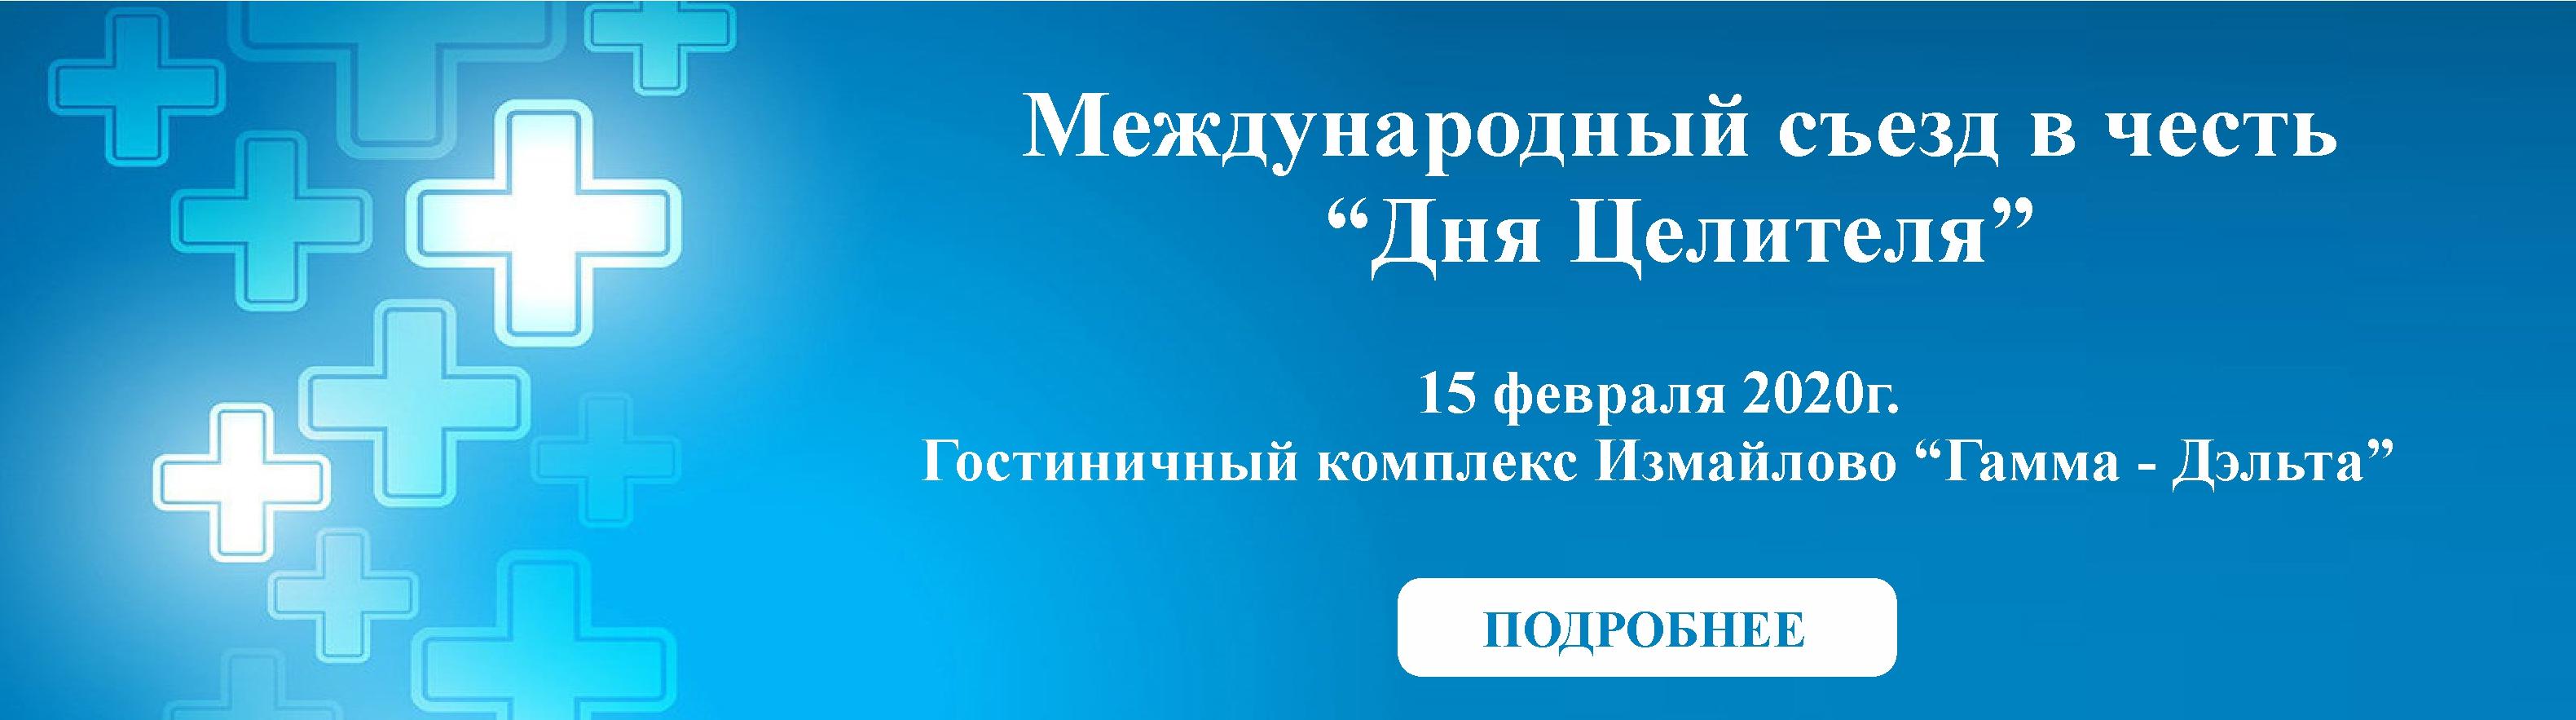 """Сайта главная - Международный съезд в честь """"Дня Целителя"""""""